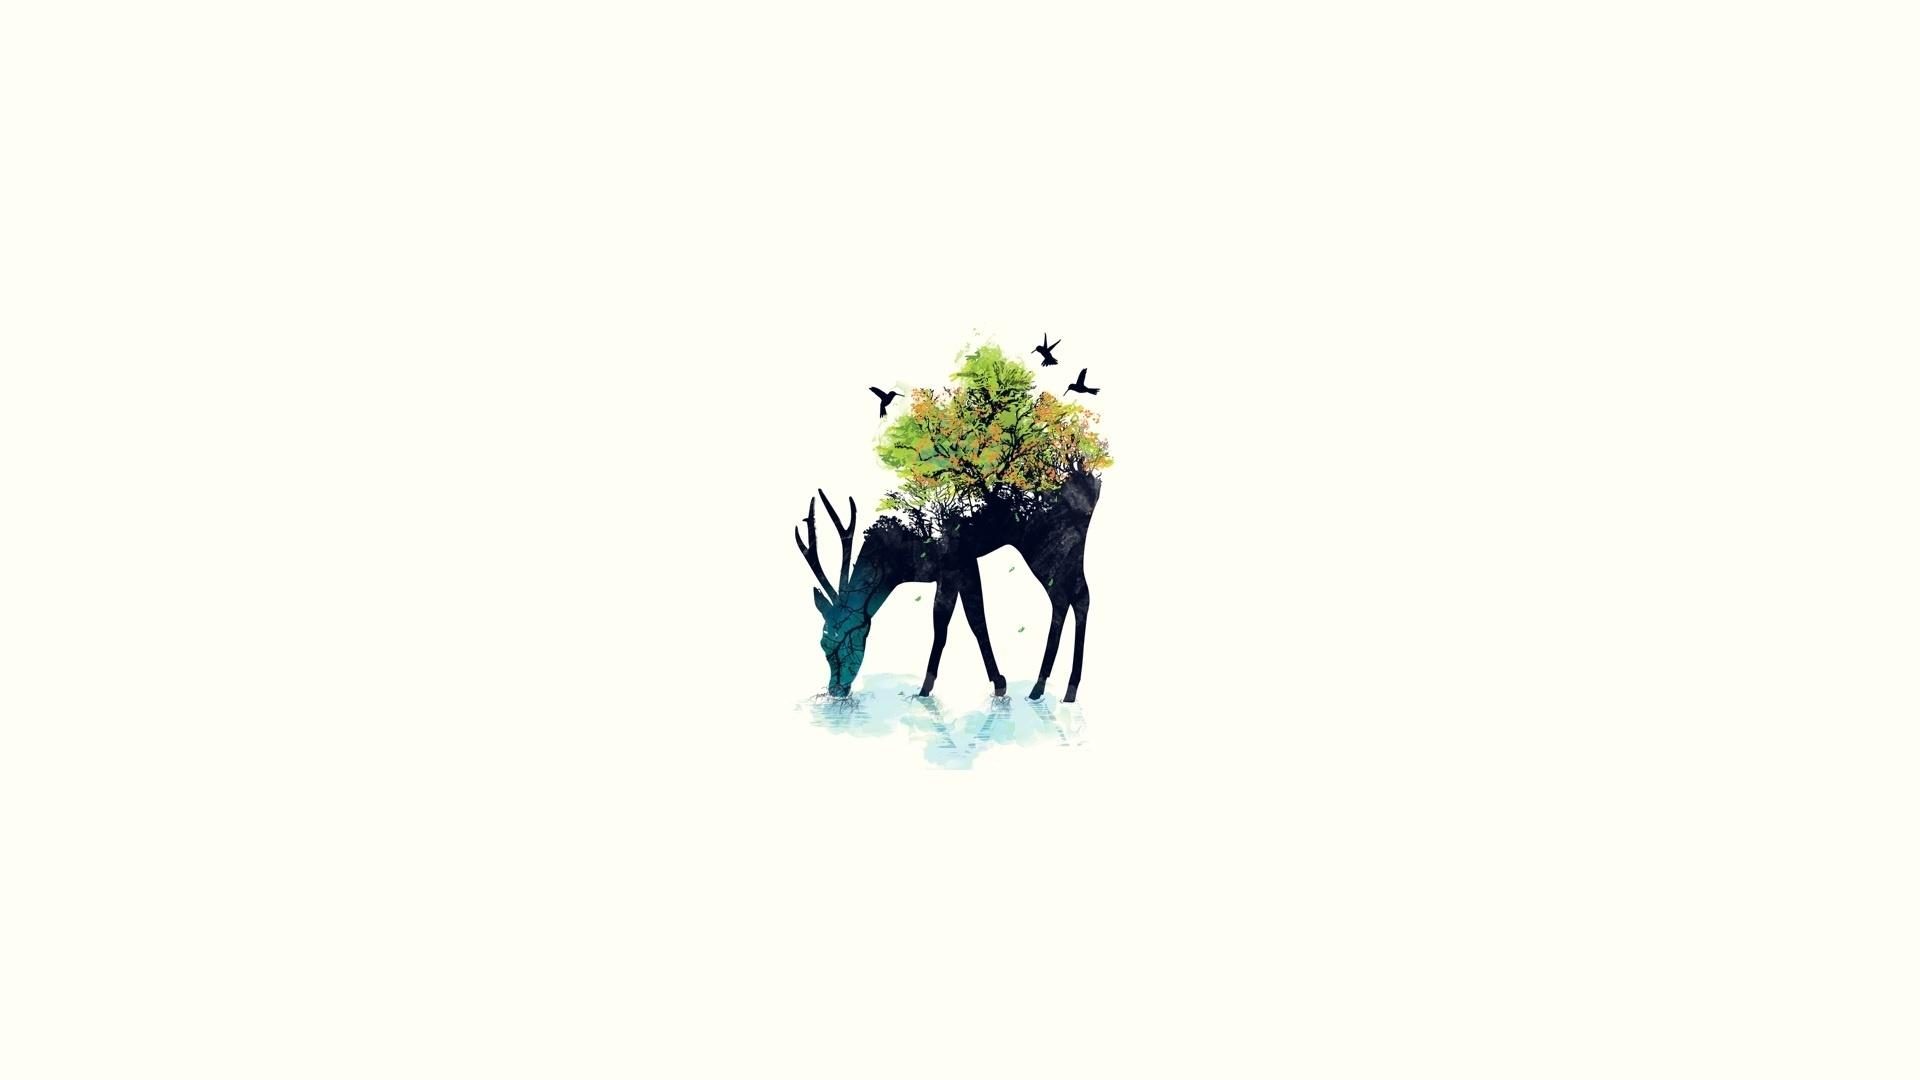 Download Wallpaper 1920x1080 Deer, Minimalism, Vector, Background